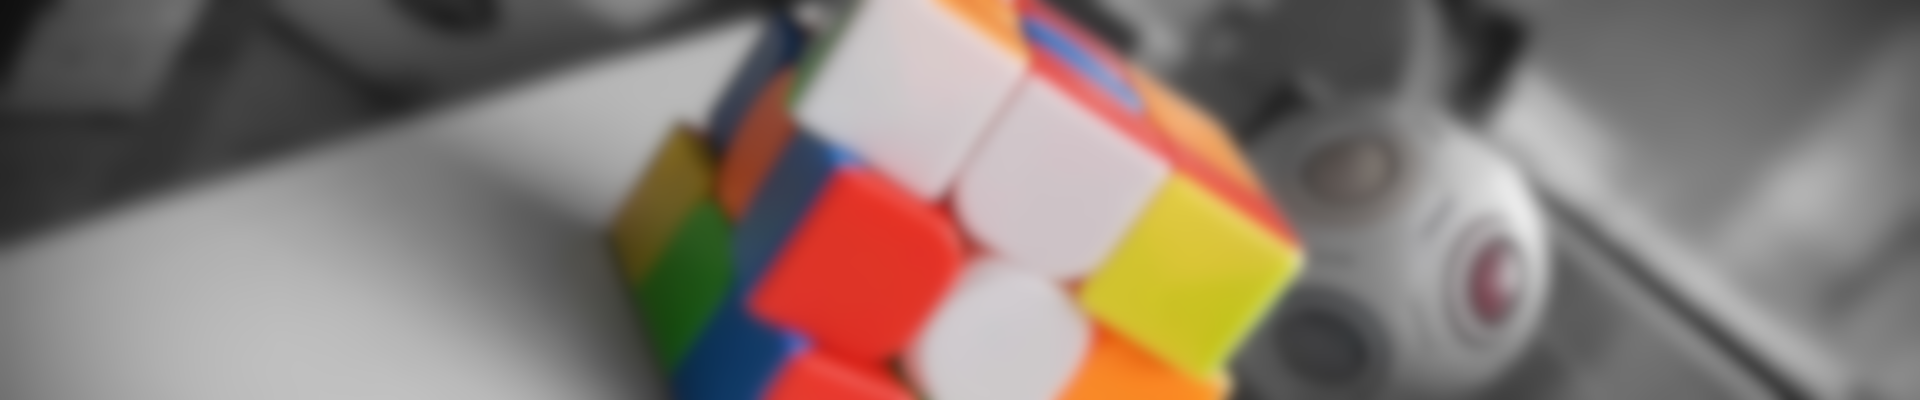 Podsumowanie Mistrzostw Polski w Speedcubingu 2019